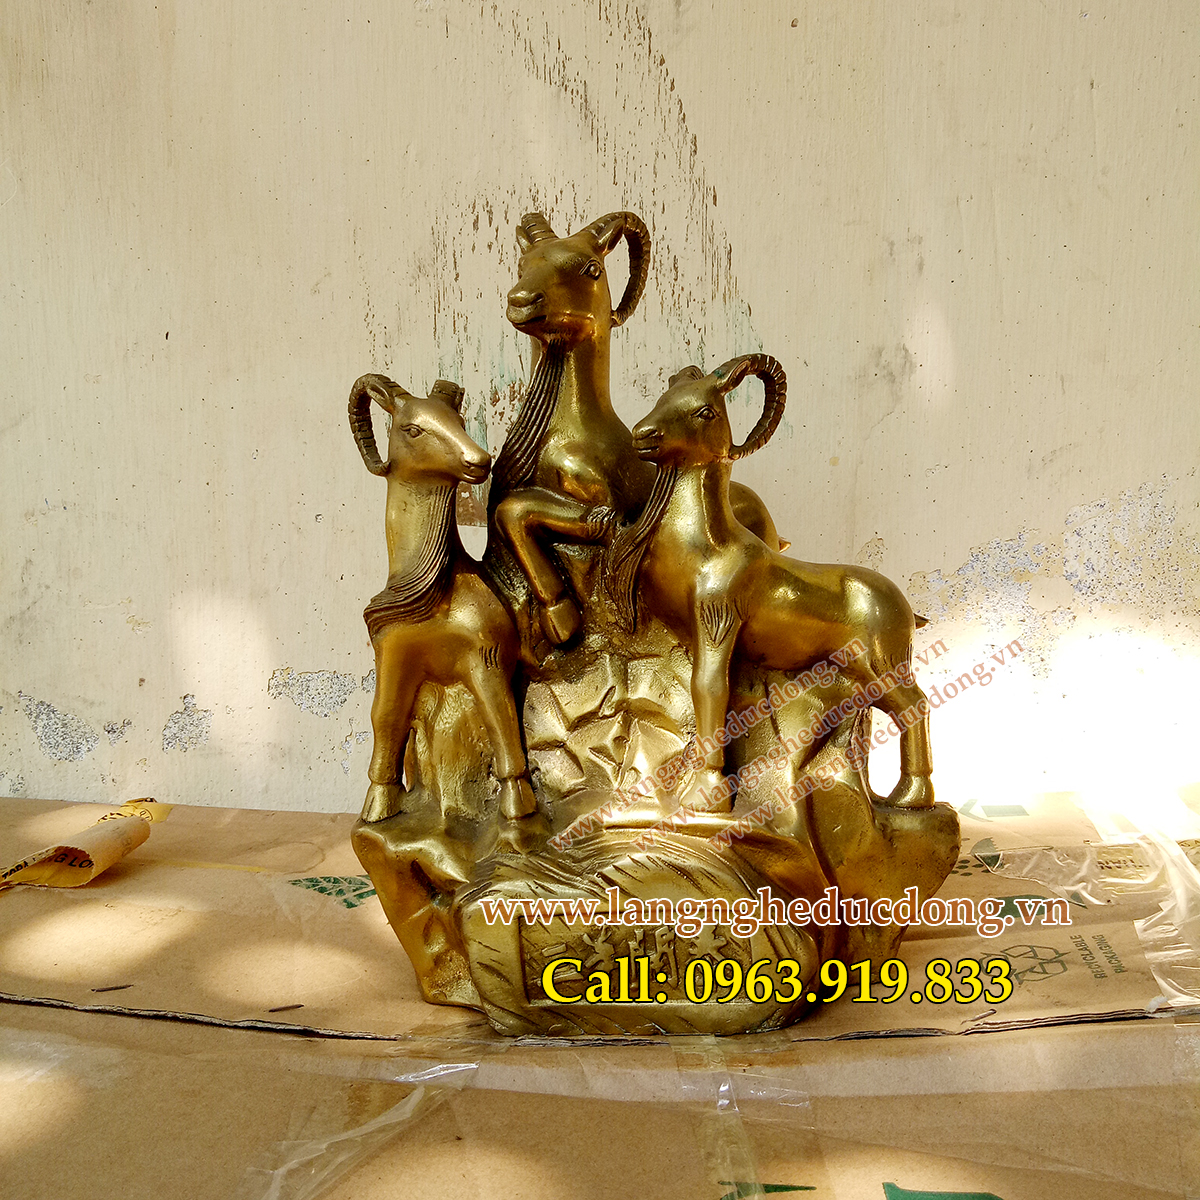 langngheducdong.vn - am dương khai thái, tượng dê đồng, Dê tam dương cao 27cm